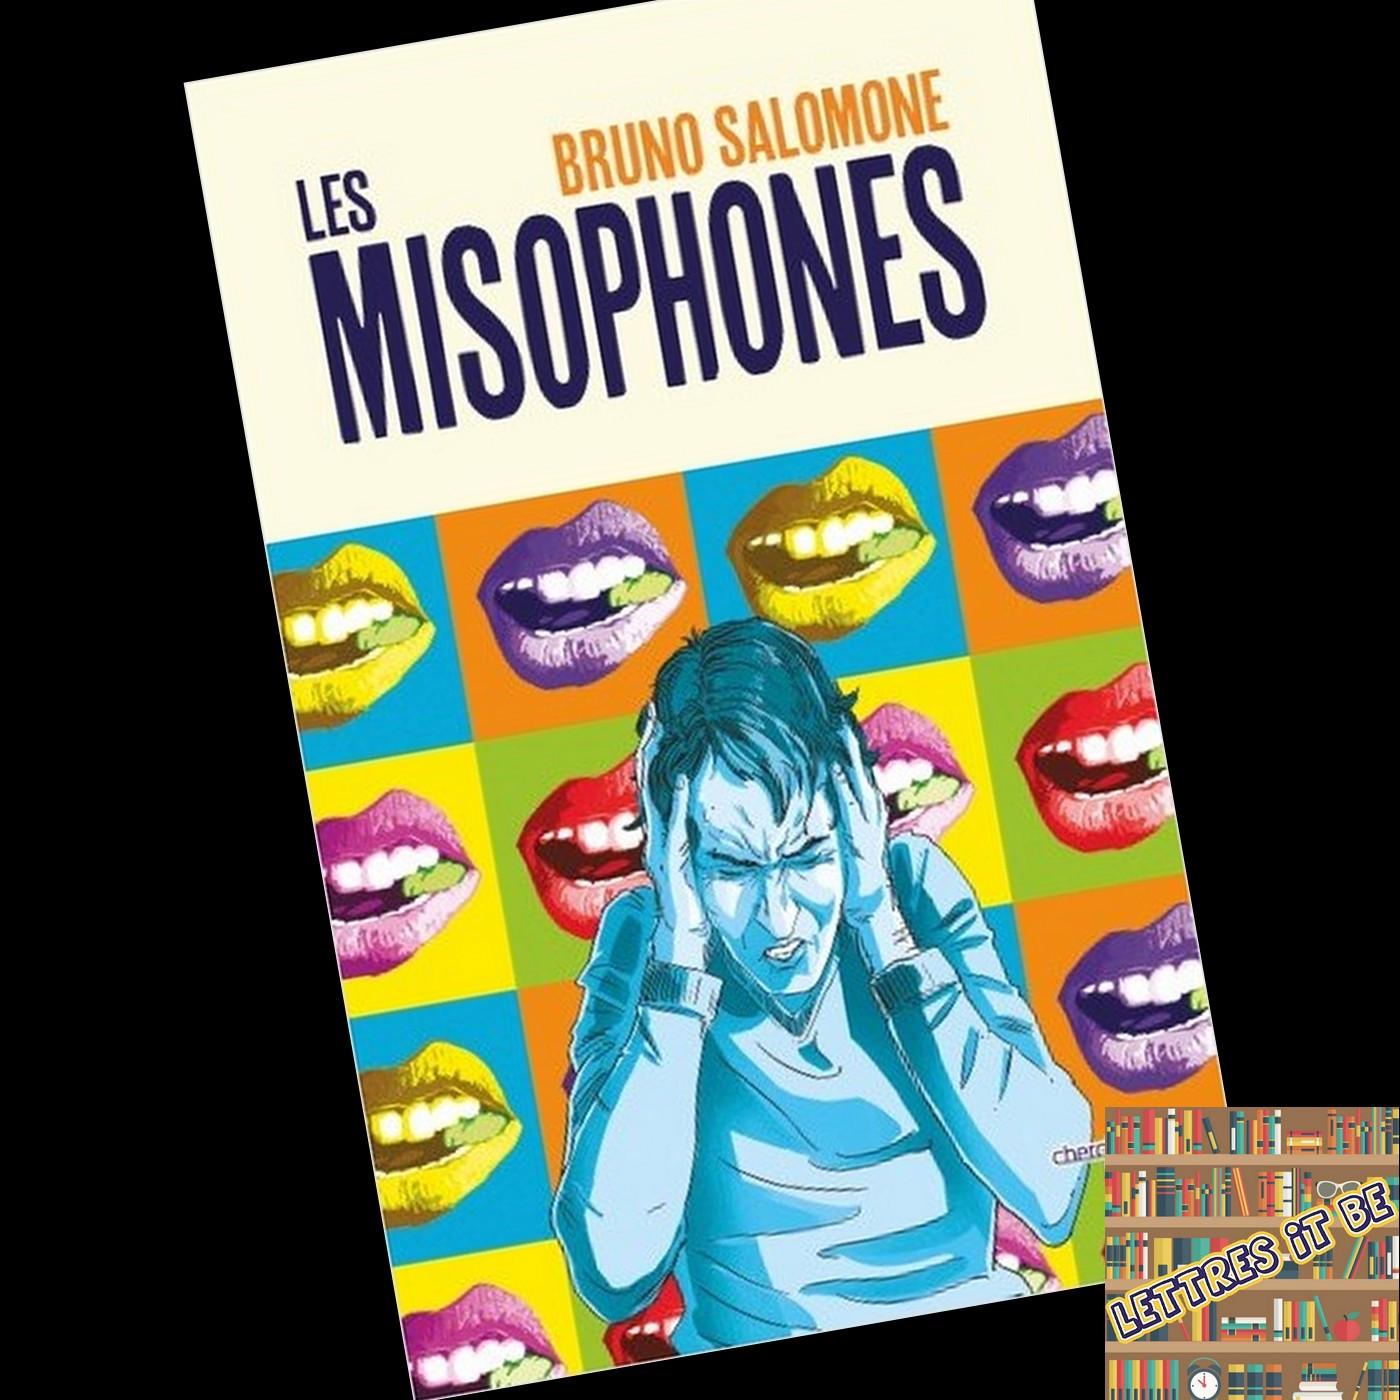 Critique pour Les misophones de Bruno Salomone (Livre)